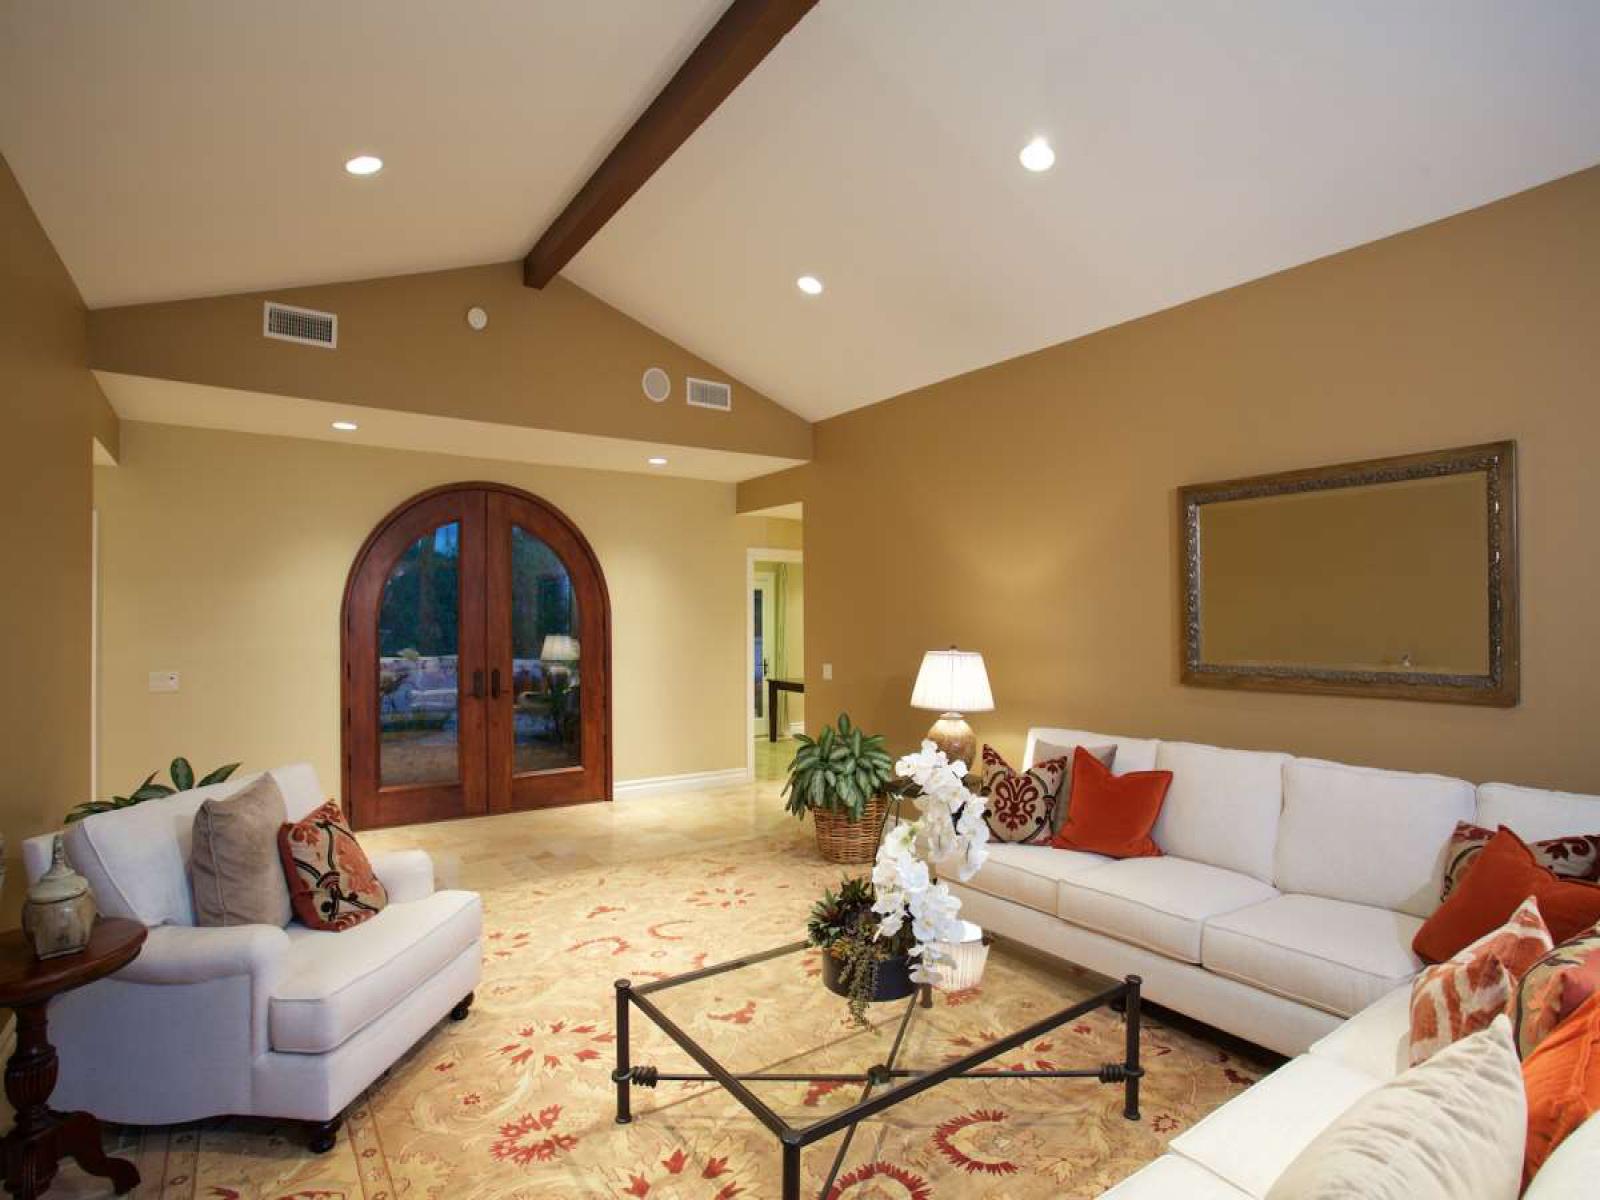 15312 Las Planideras,Rancho Santa Fe,California 92067,House,Las Planideras,1005